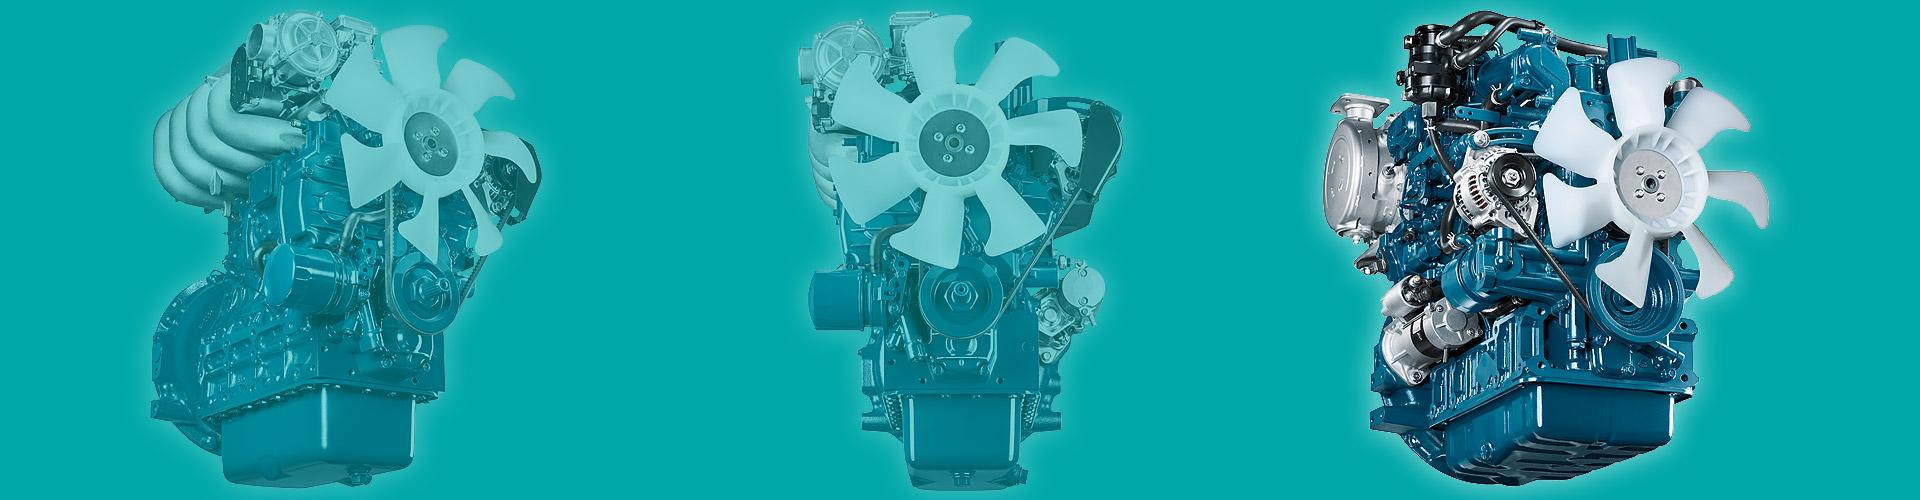 Moteurs diesel pour machines industrielles